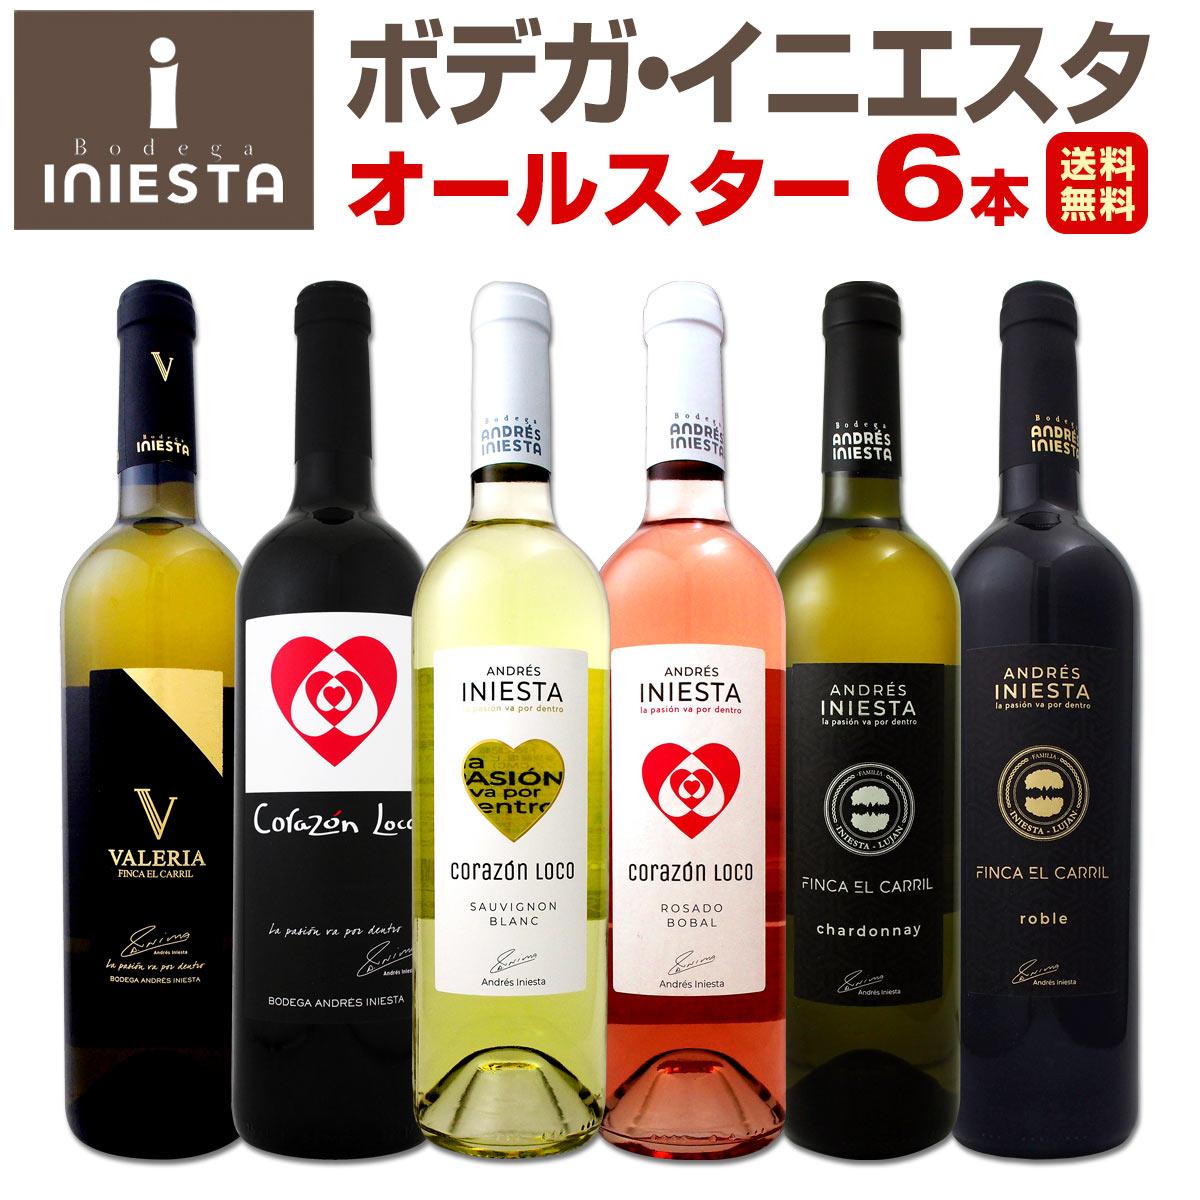 [クーポンで10%OFF]【送料無料】ボデガ・イニエスタのオールスターワイン6本セット!!